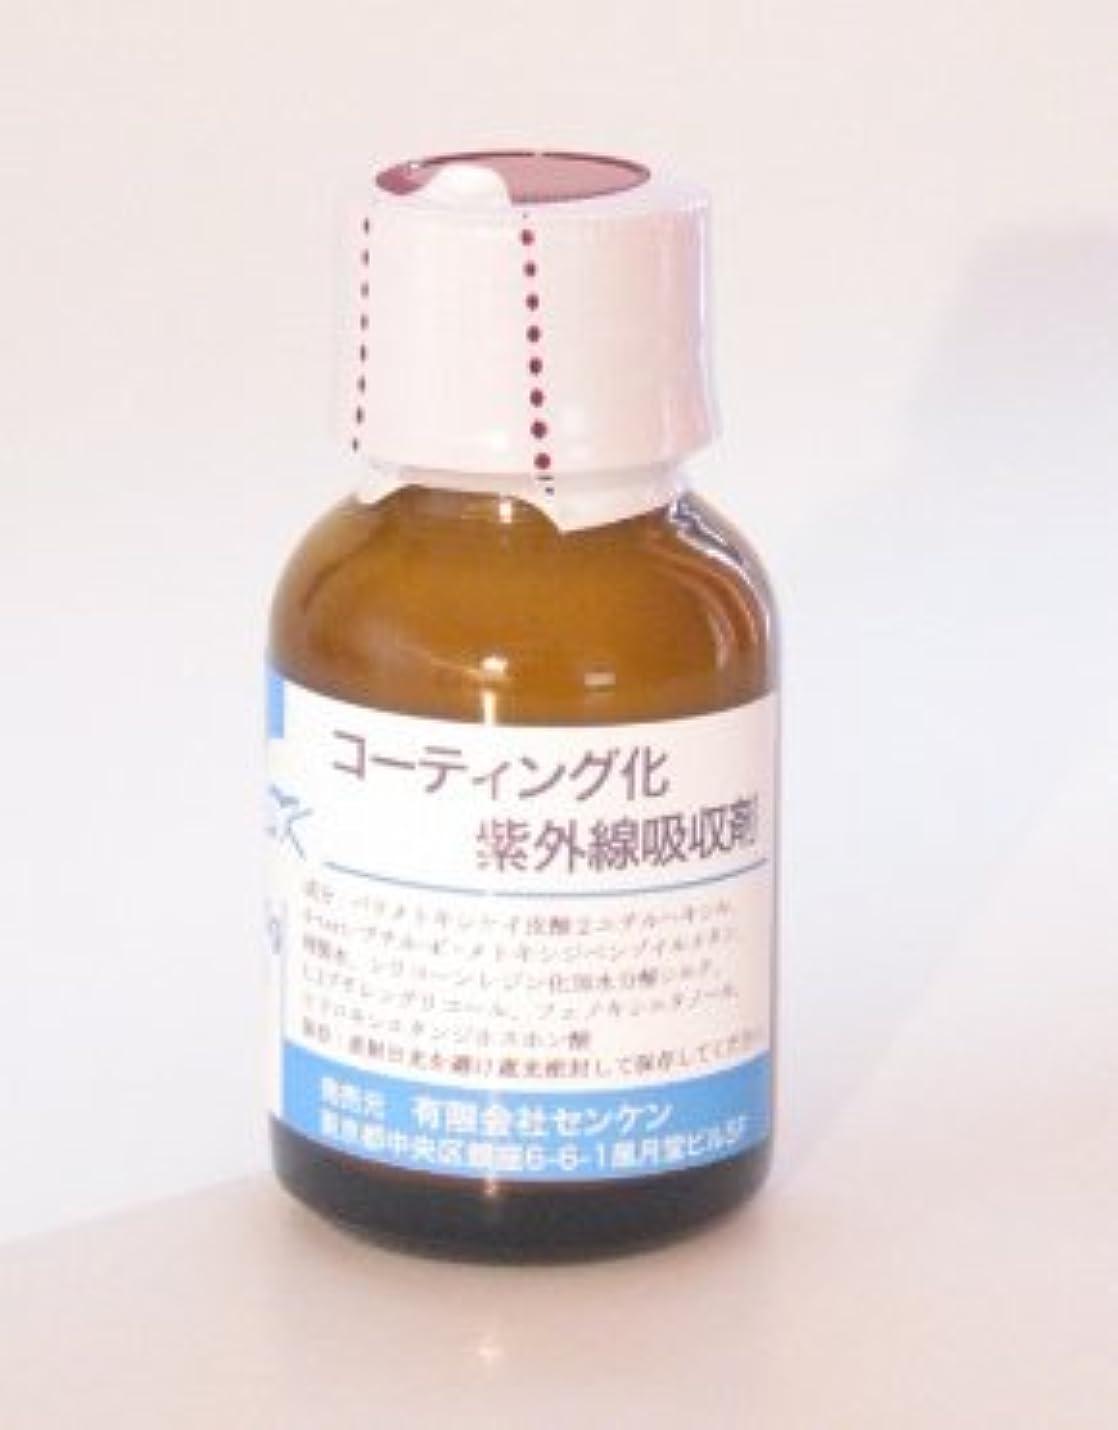 全体にソーセージ硫黄コーティング化紫外線吸収剤20g